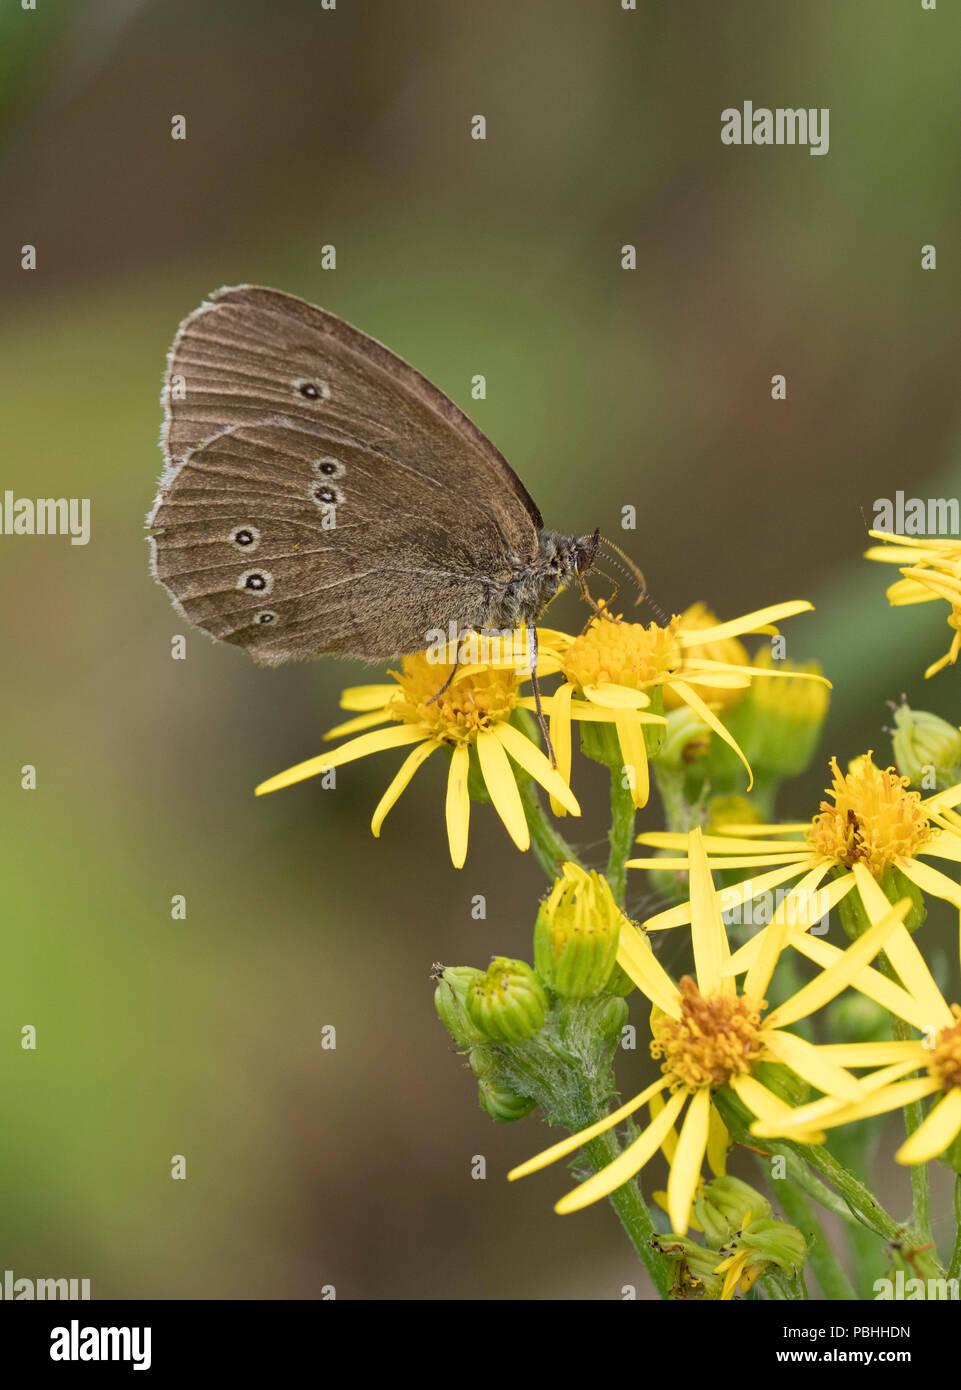 Aphantopus hyperantus, un papillon, un adulte se nourrit de fleurs jaunes de séneçon jacobée, Senecio jacobaea, Worcestershire, Royaume-Uni. Photo Stock